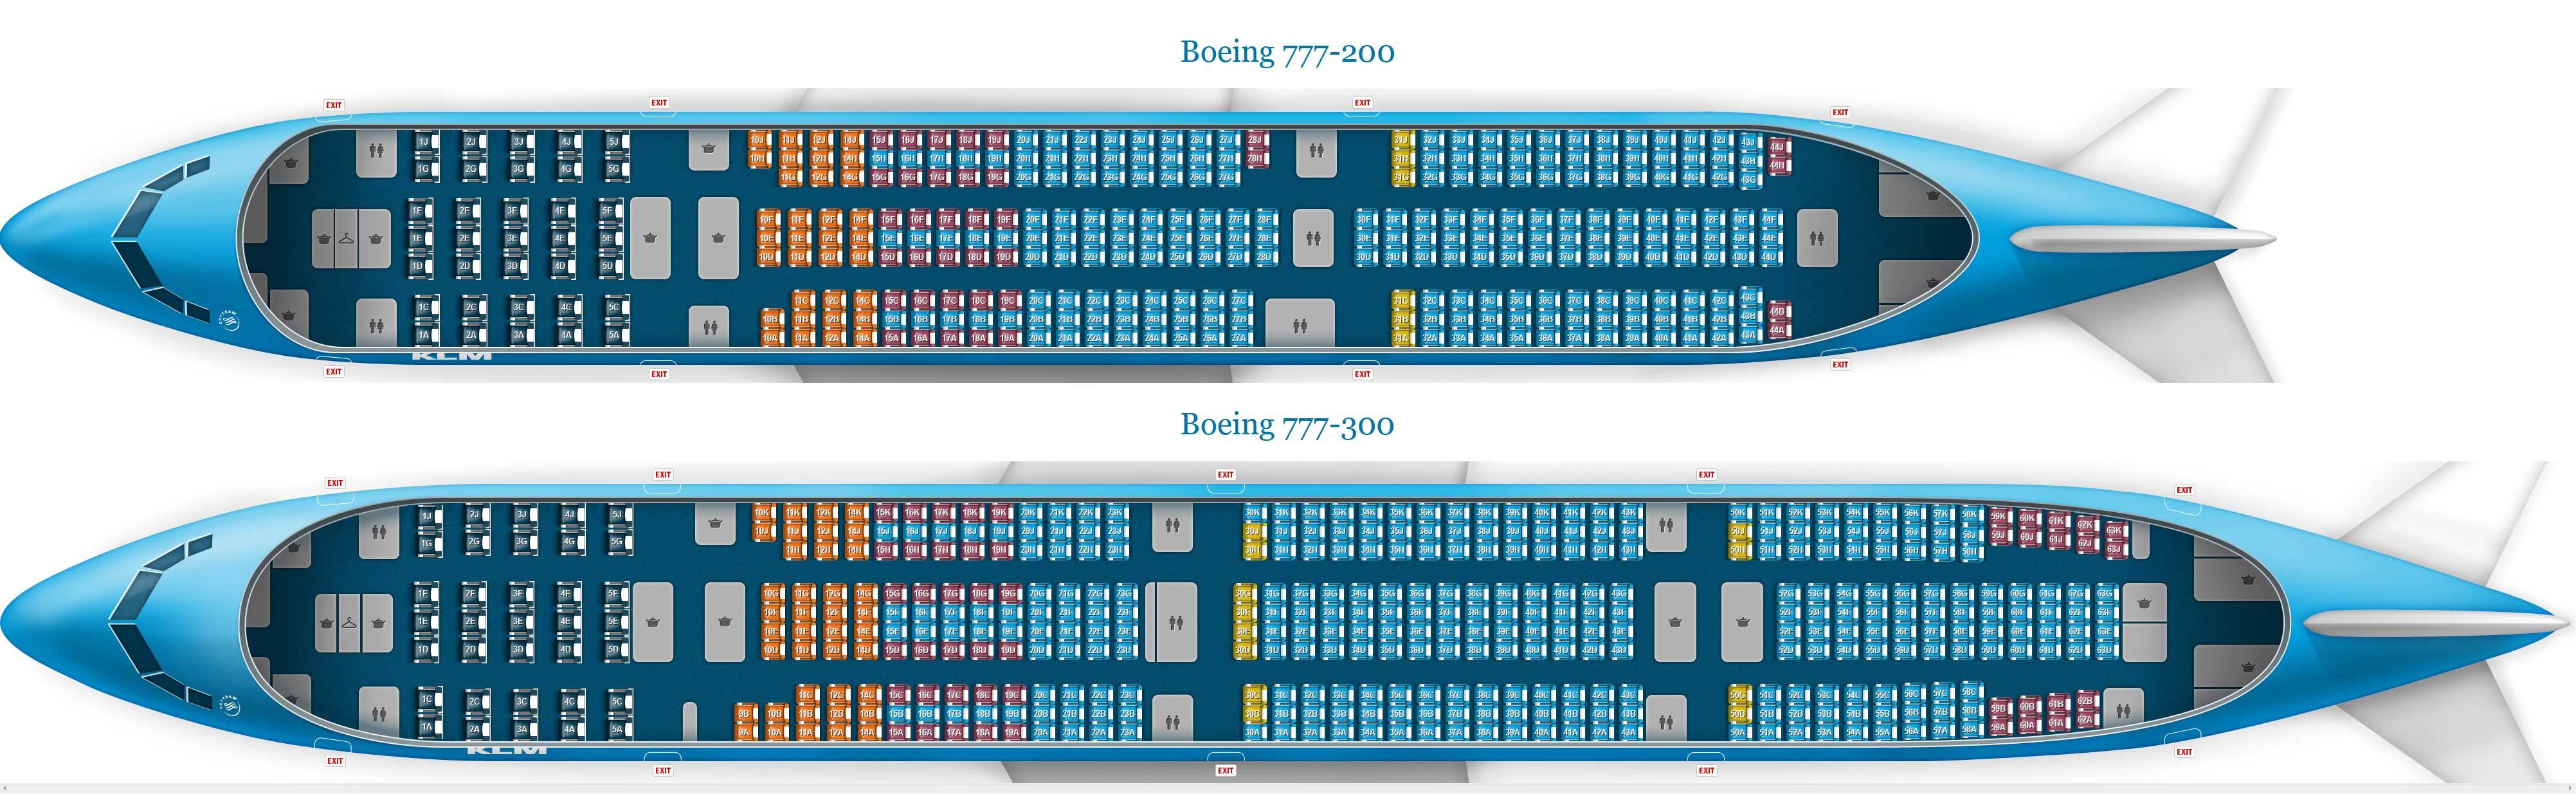 Airbus a320 схема салона qatar